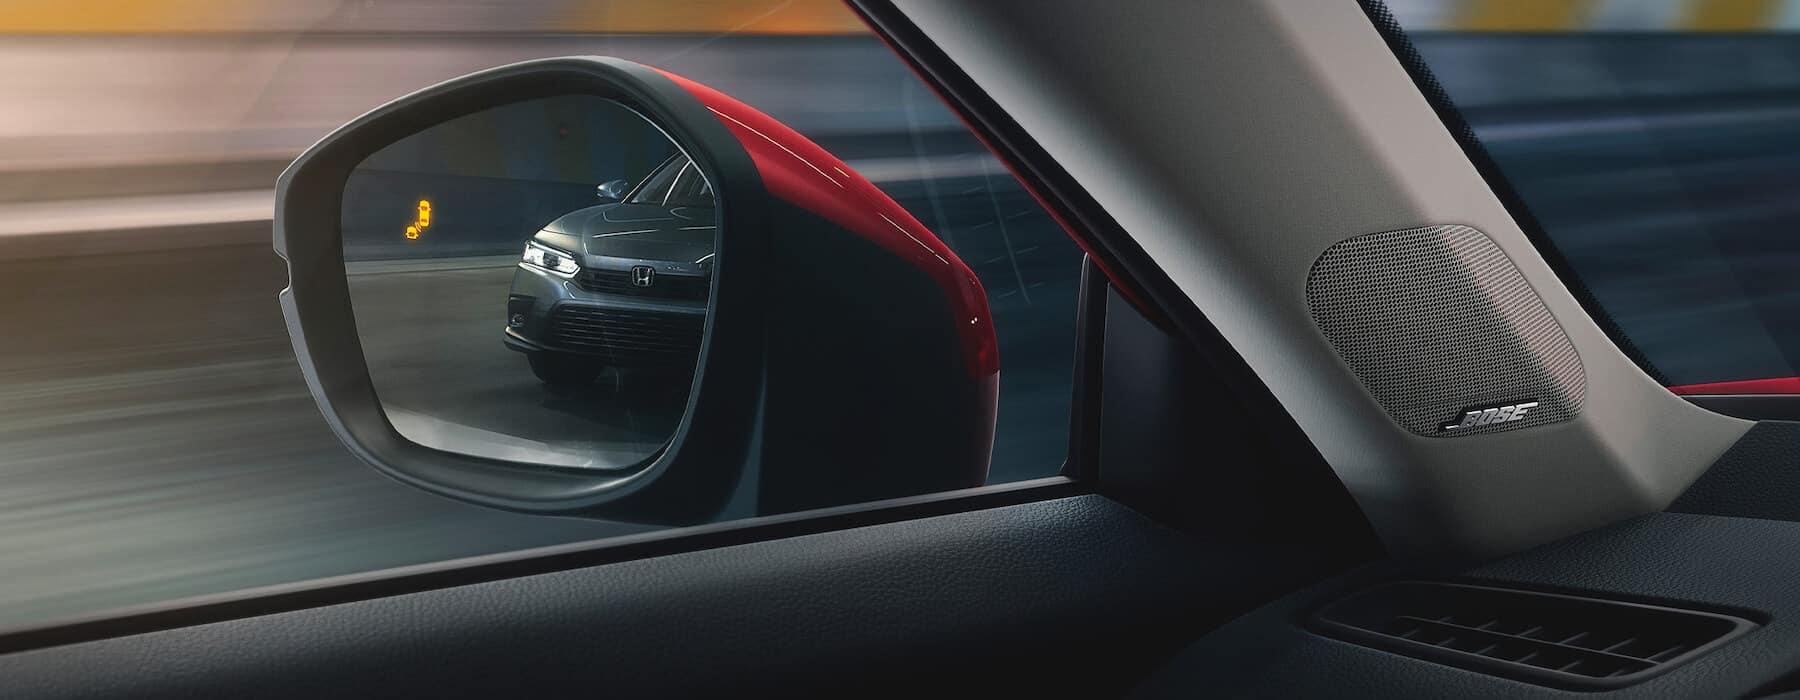 Honda Blind Spot Information System VEHSF Slider